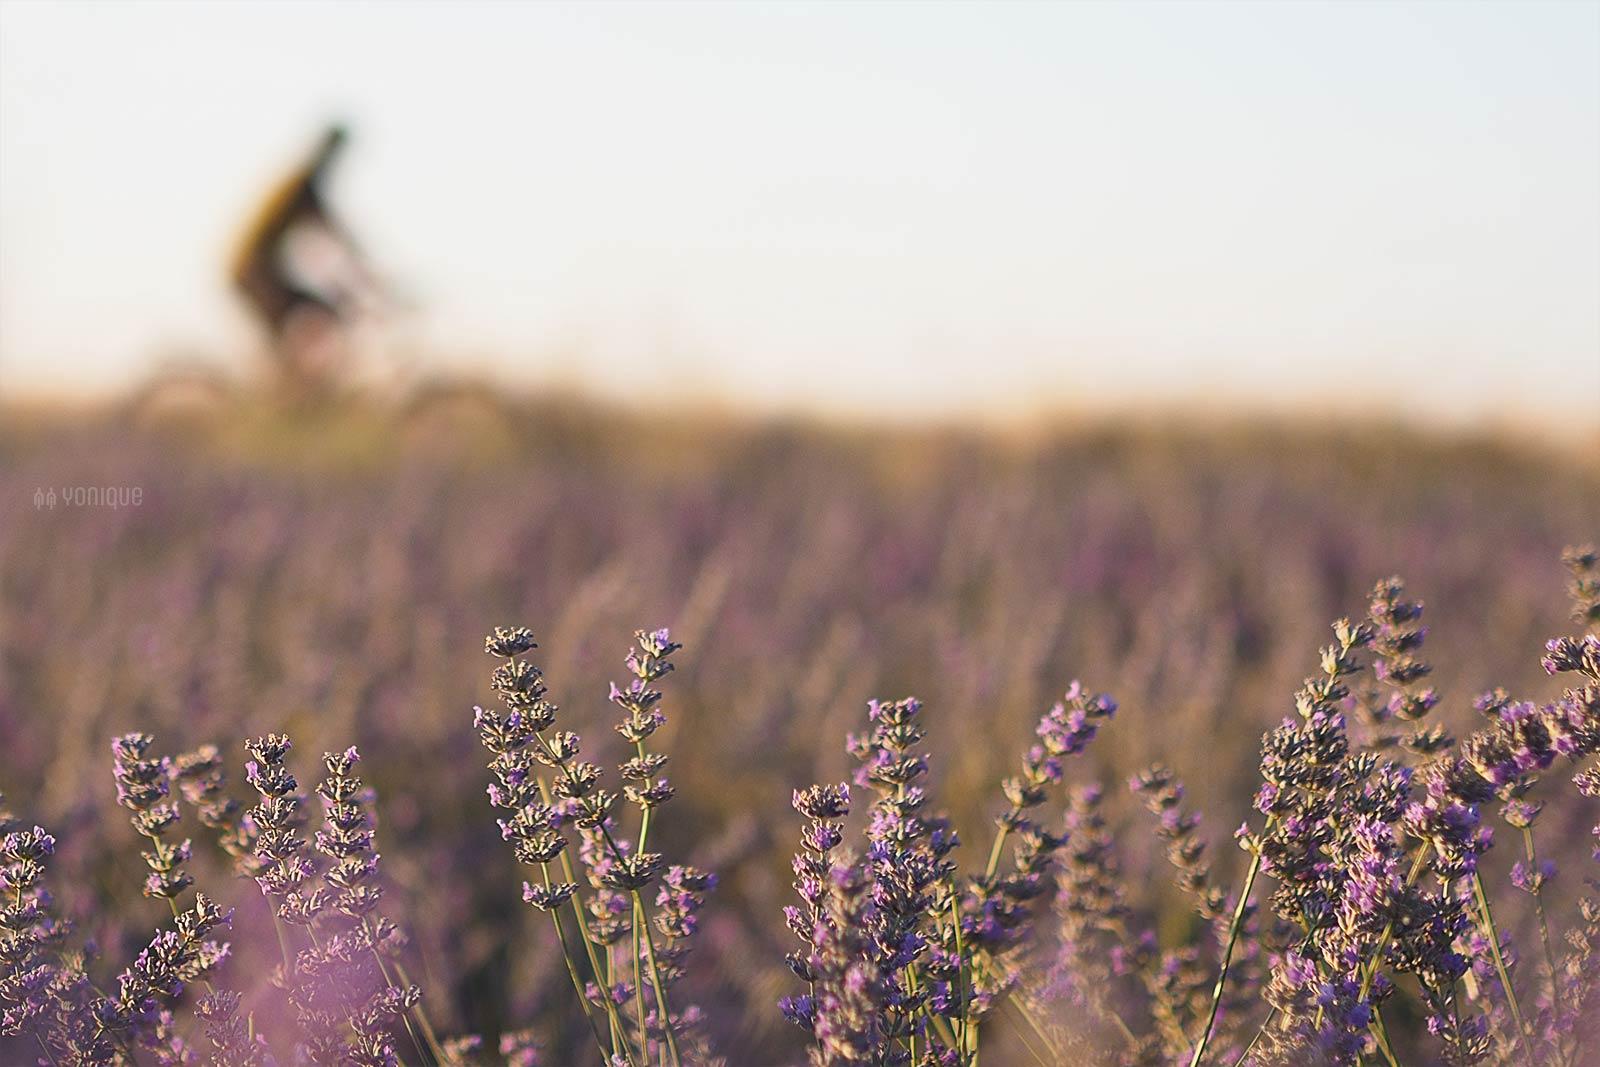 lavande-lavanda-lavandin-campos-zaratan-valladolid-agosto-yoniquenews-laboutiquedemelimelo